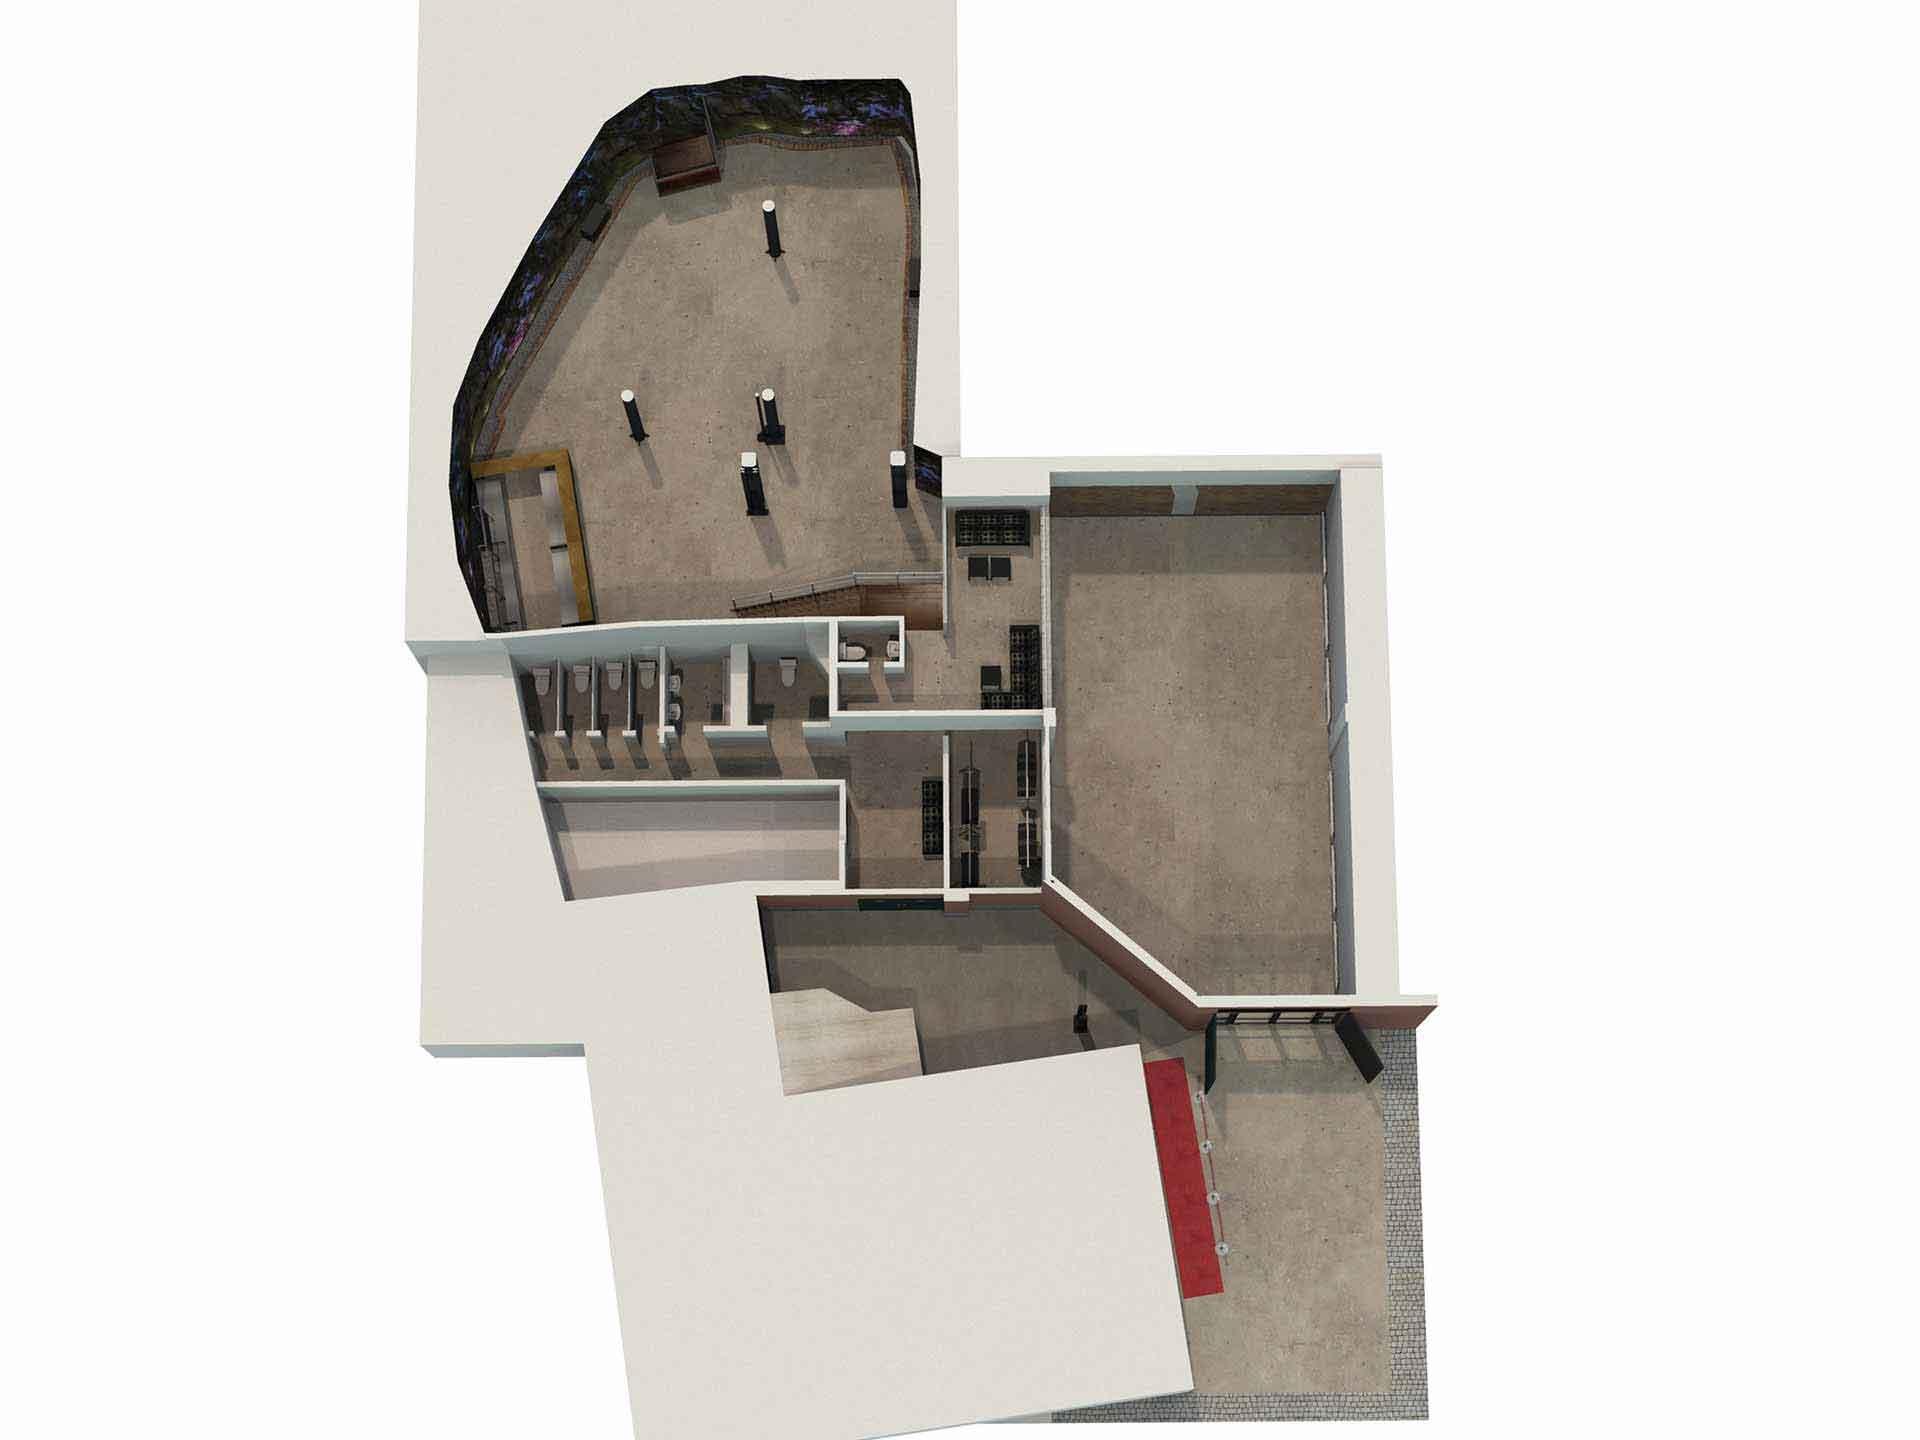 Översikt Skyddsrummet i 3D